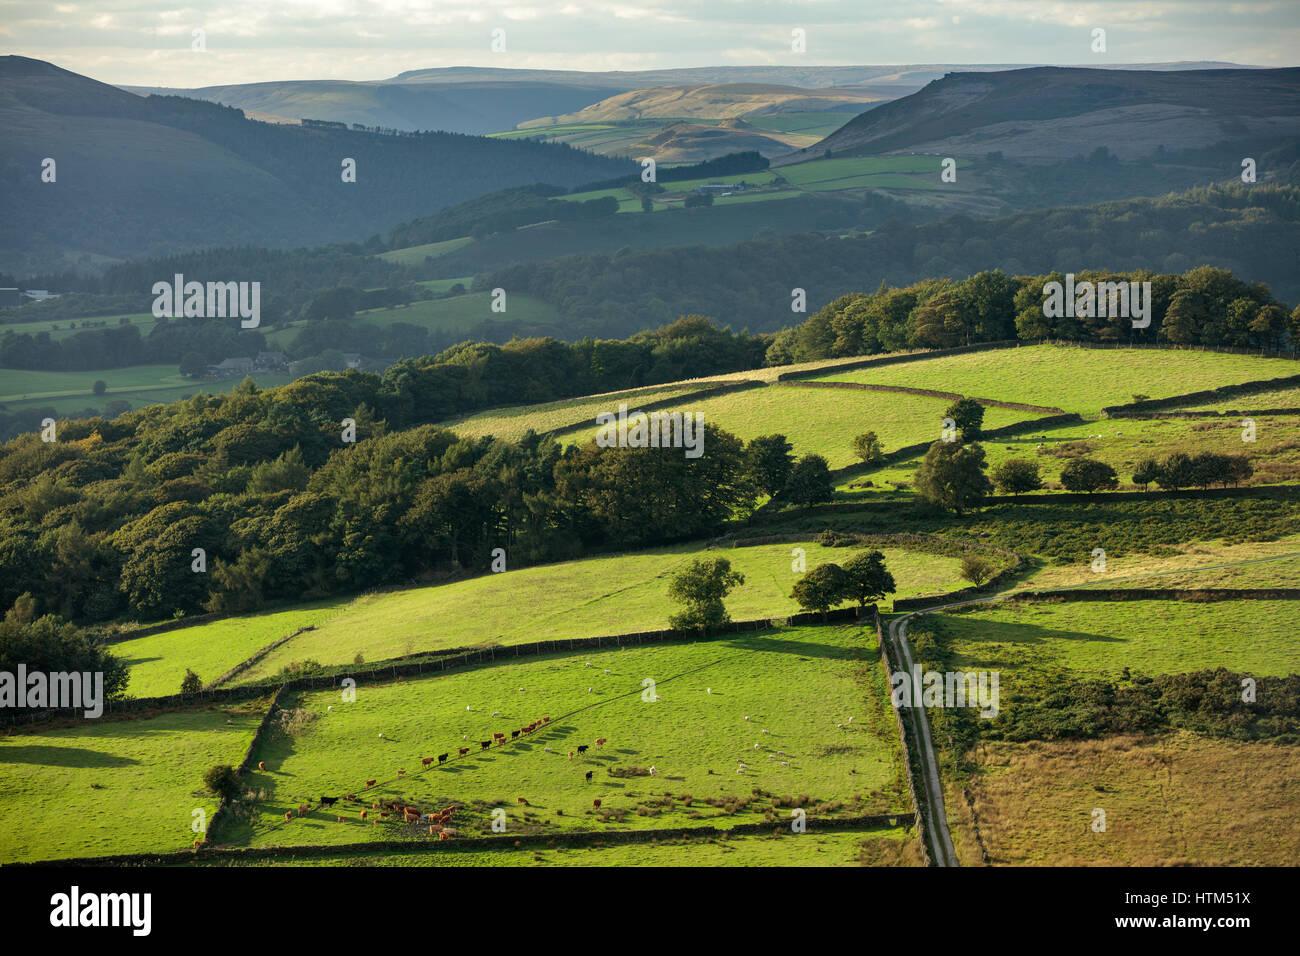 Du bétail dans un champ sur Callow banque ci-dessous Stanage Edge de Millstone Edge, nr Hathersage, Derbyshire Peaks District National Park, Angleterre, RU Banque D'Images